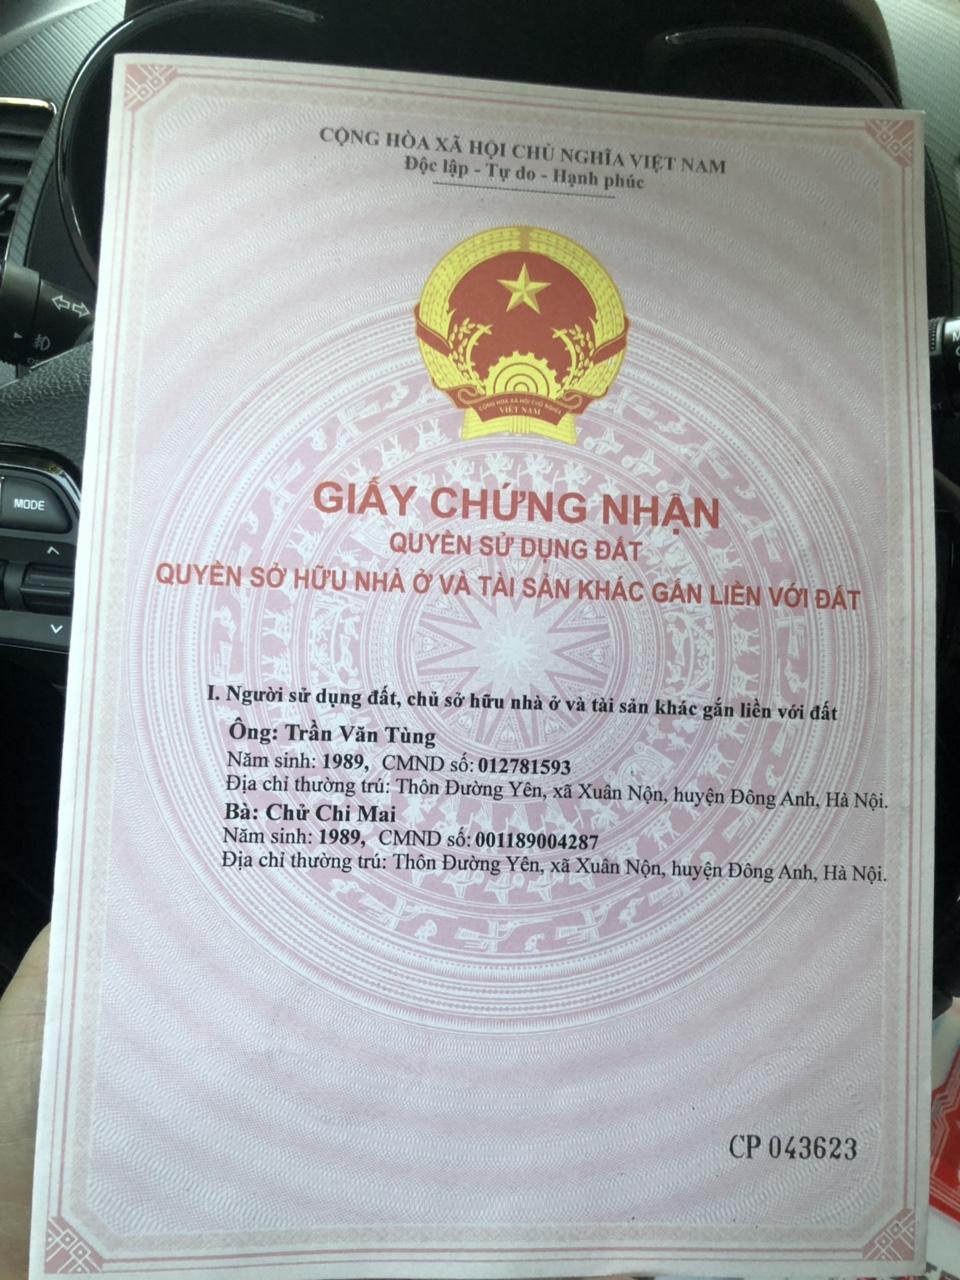 Bán thửa đất 63m khu đất đấu giá Hà Phong Liên Hà Đông Anh